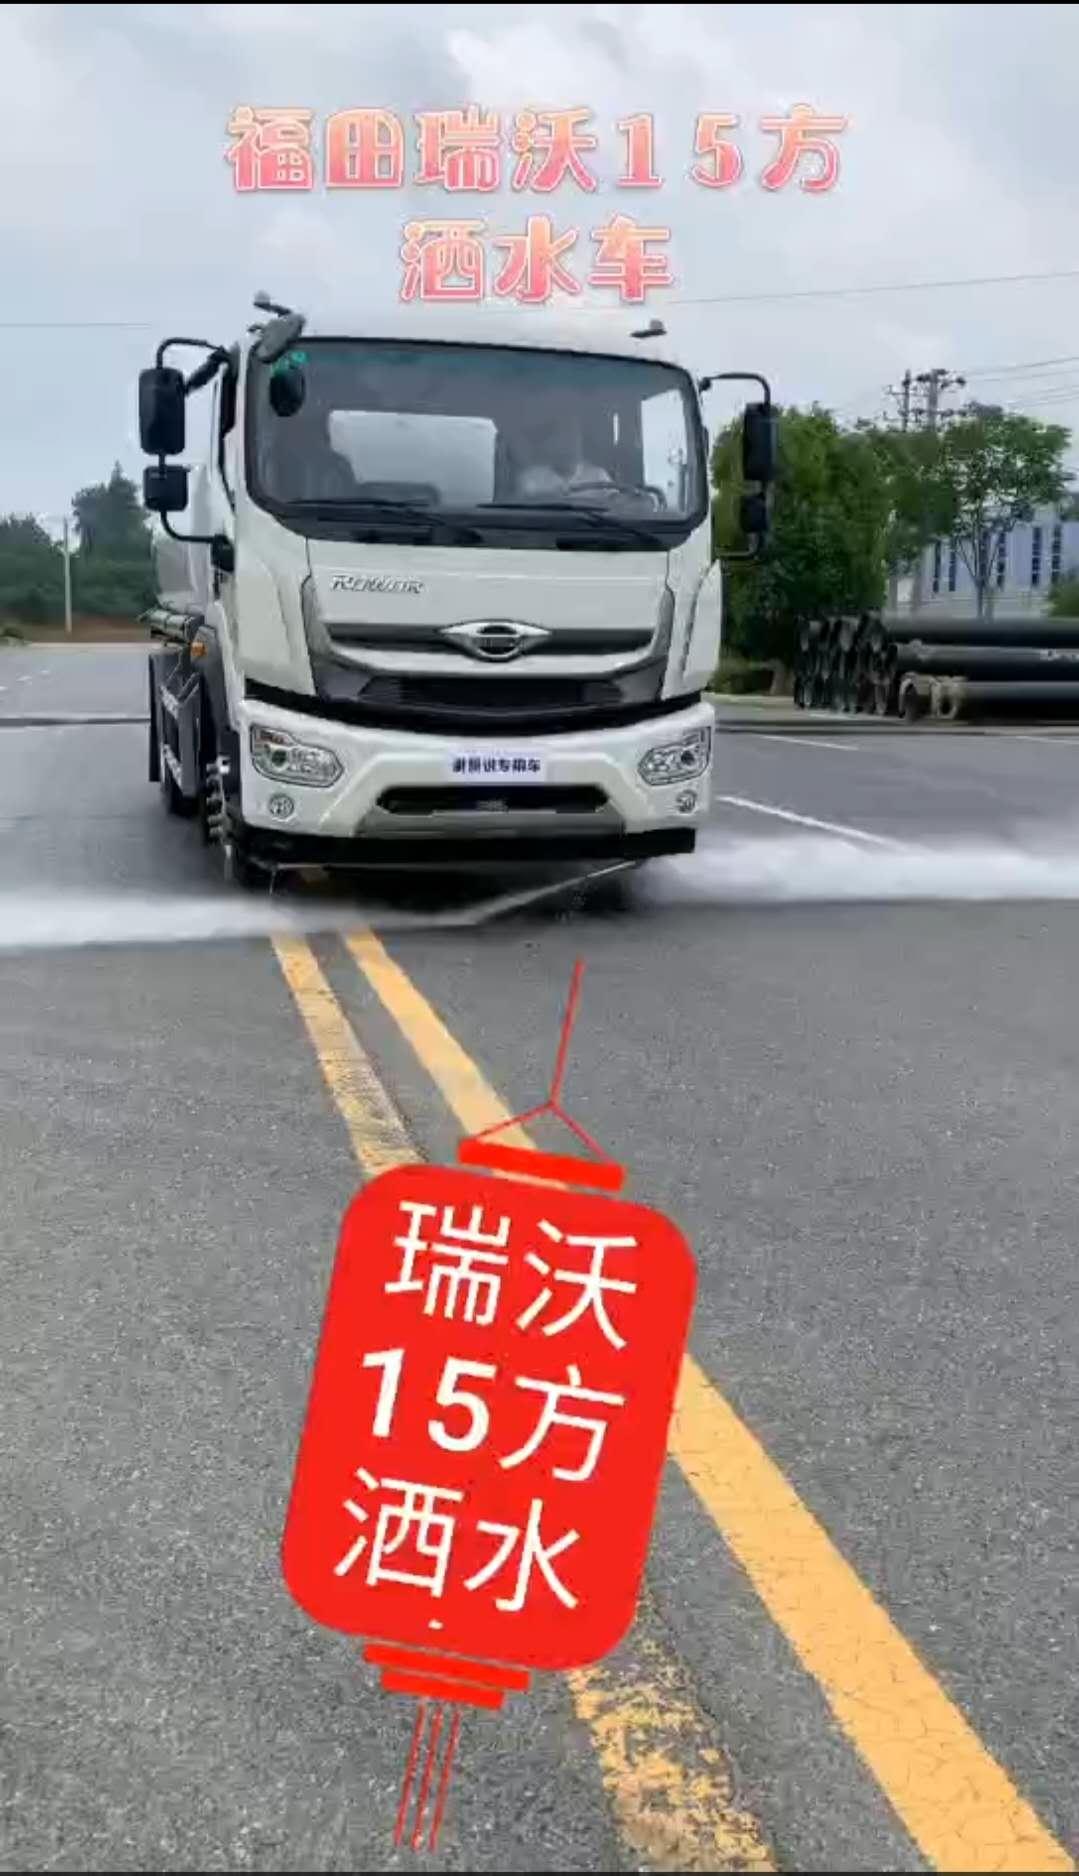 15方福田灑水車廠家濰柴220馬力八檔變速箱灑水車功能視頻圖片